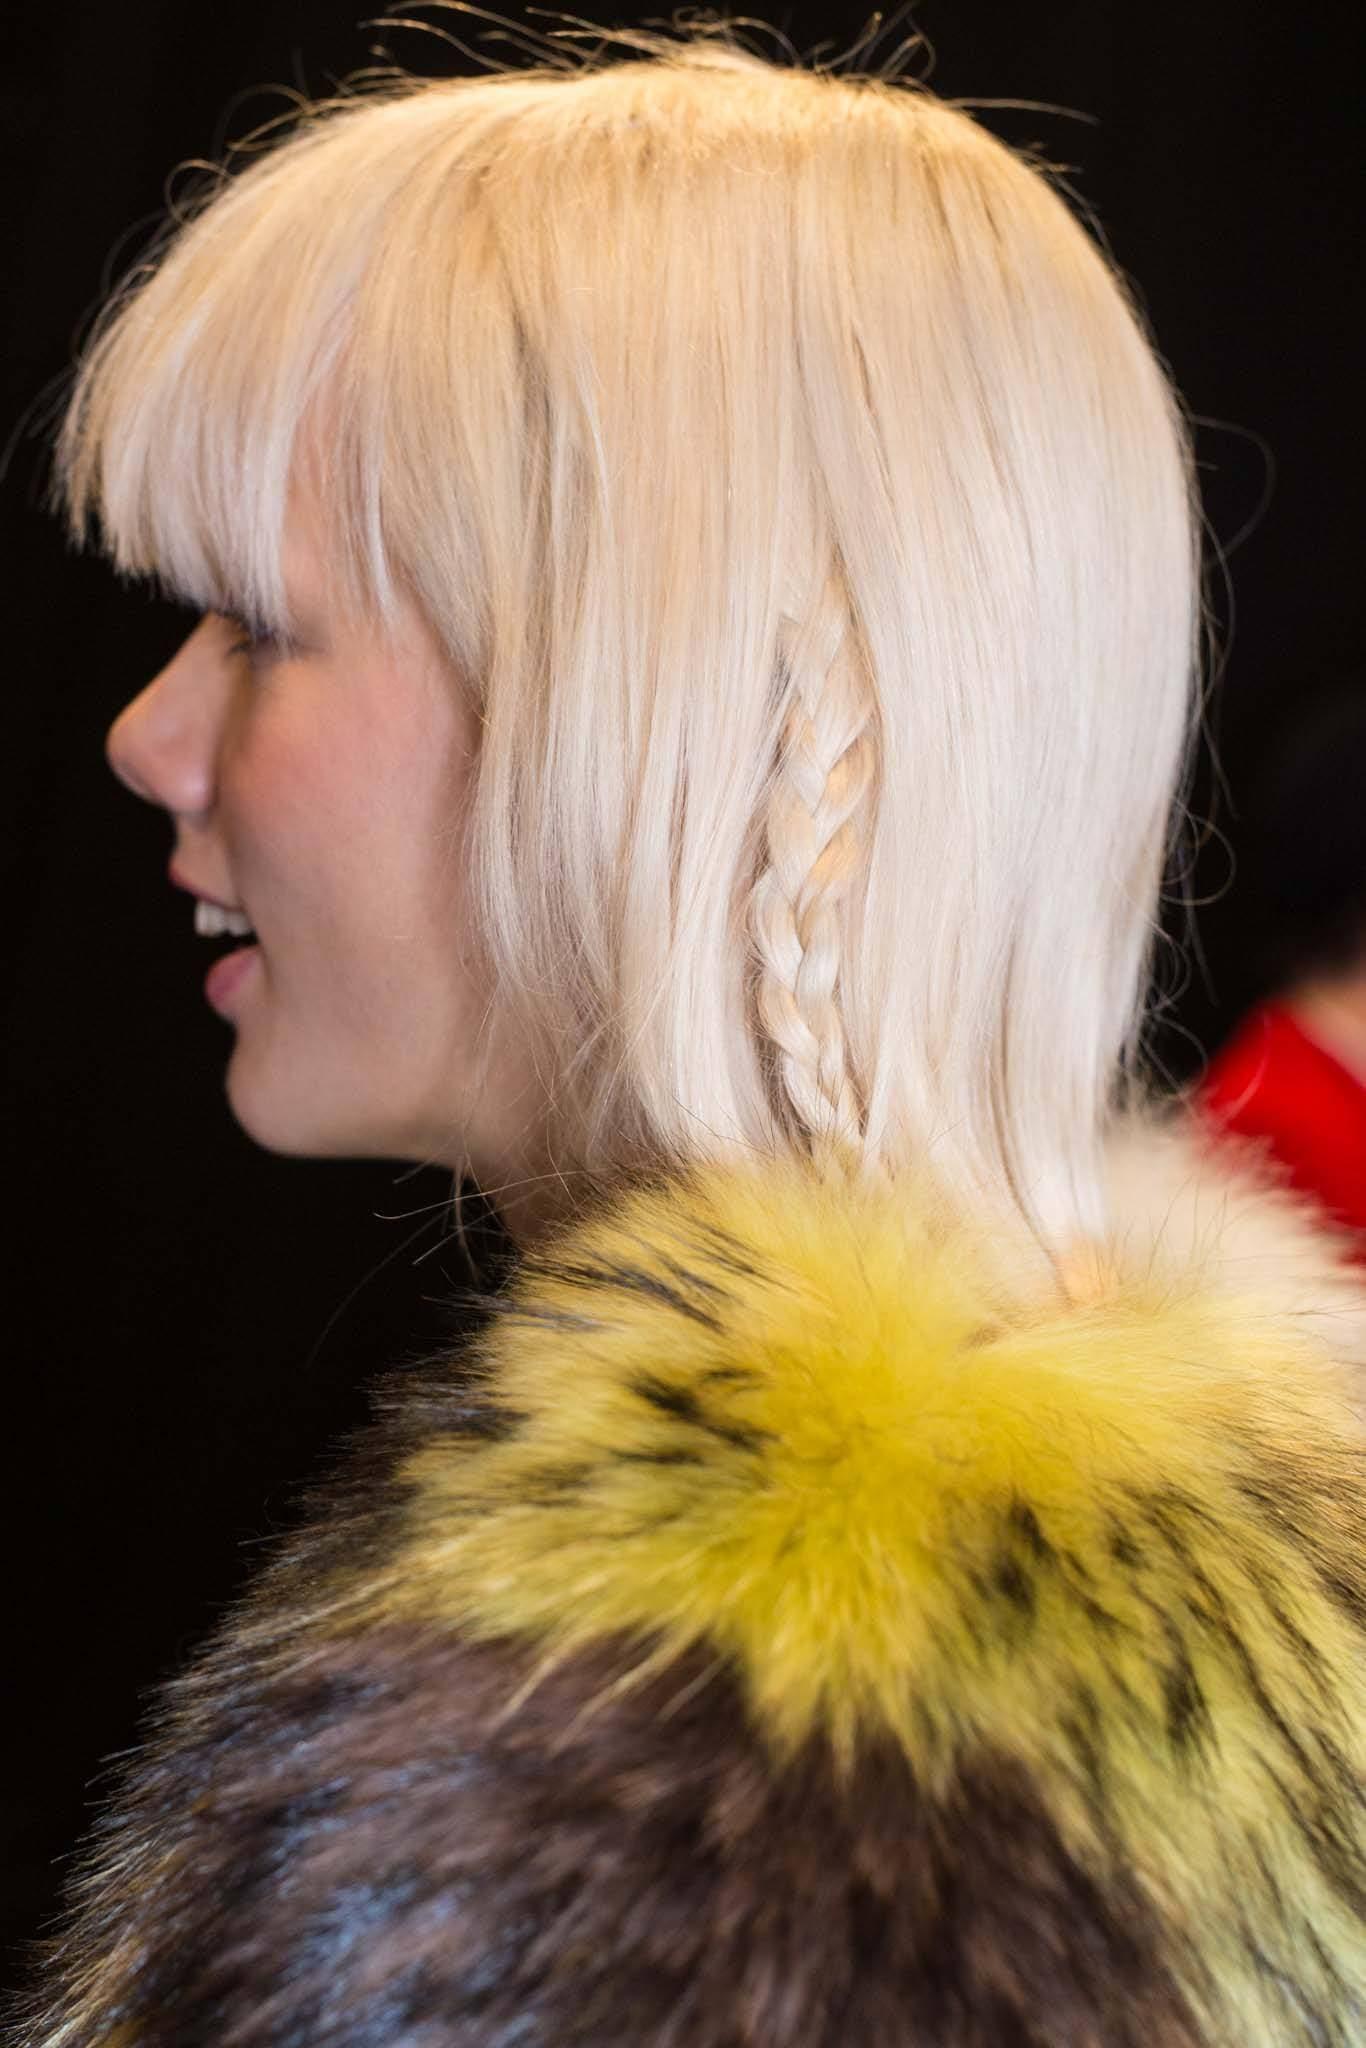 short hair braid: accent braid on blonde hair